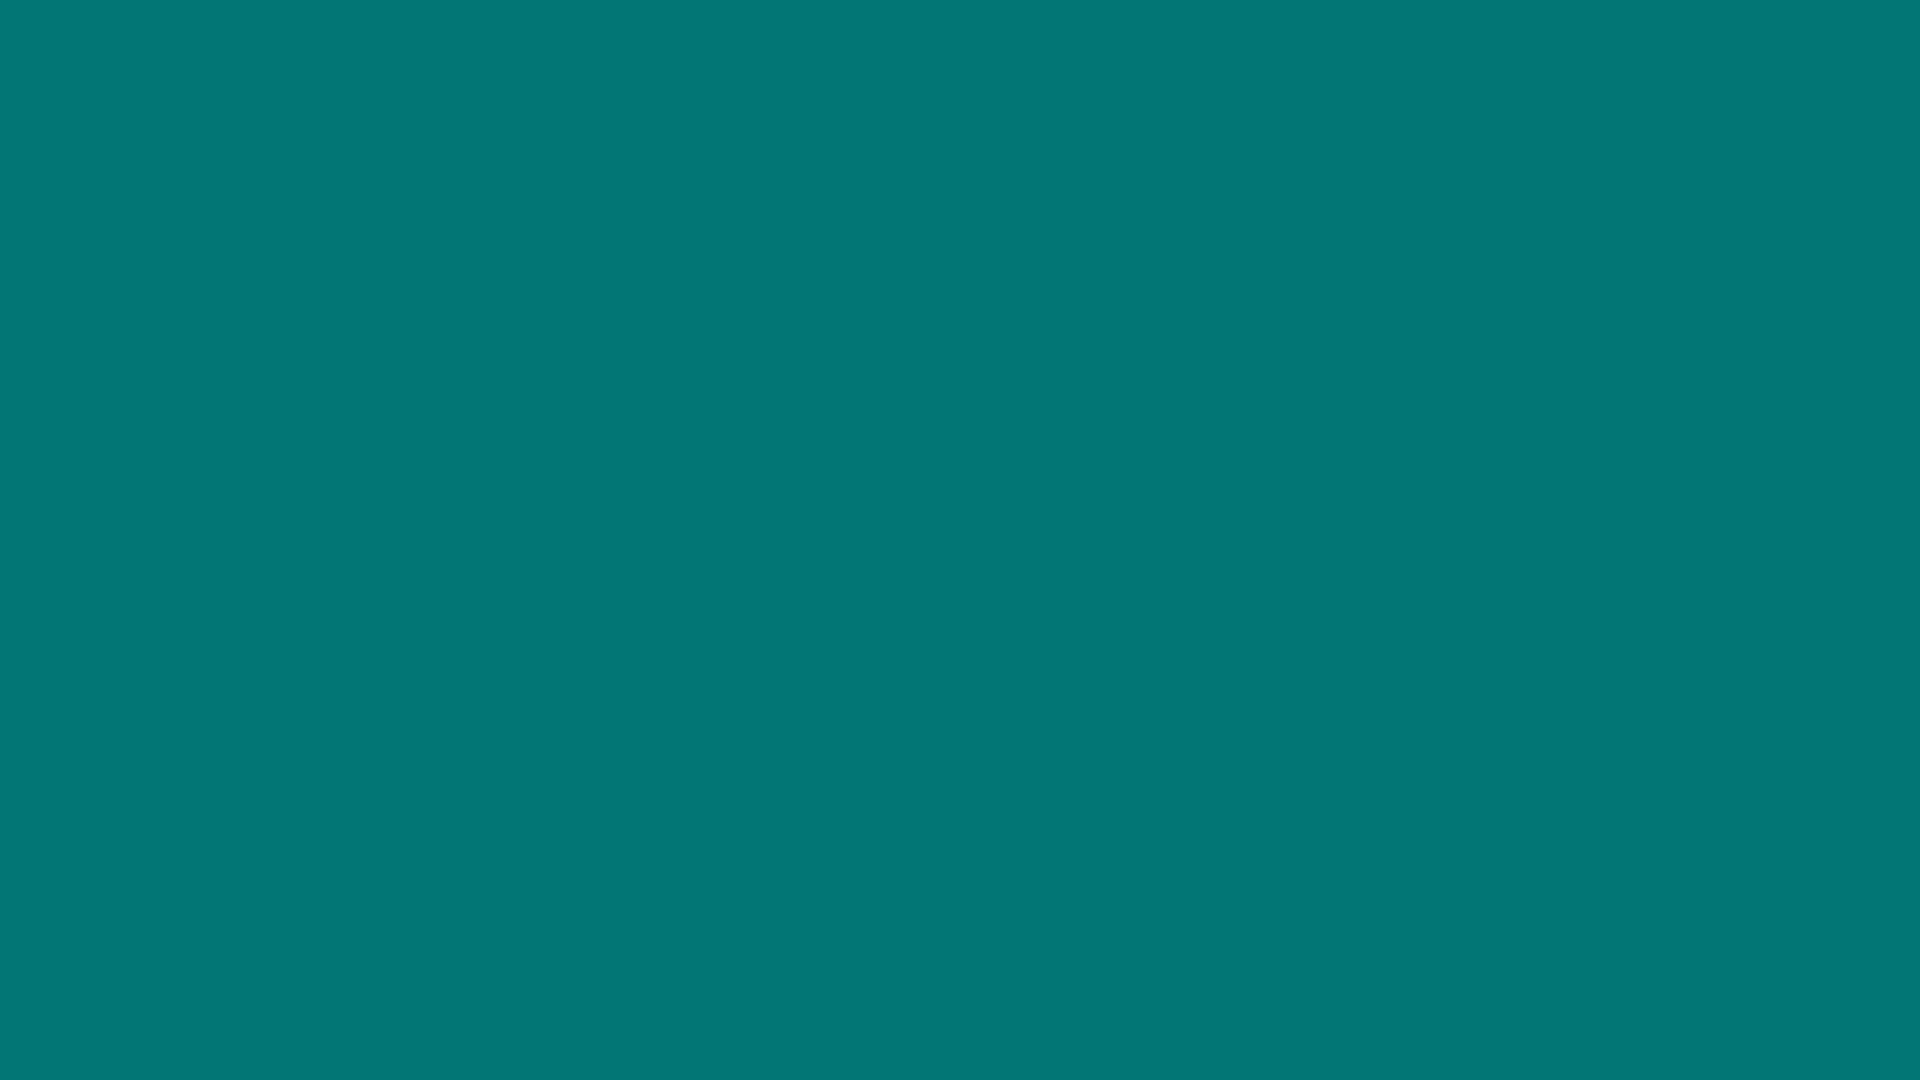 [공지] 서울대학교 아시아연구소 인터넷카페공간 활용방안 공모